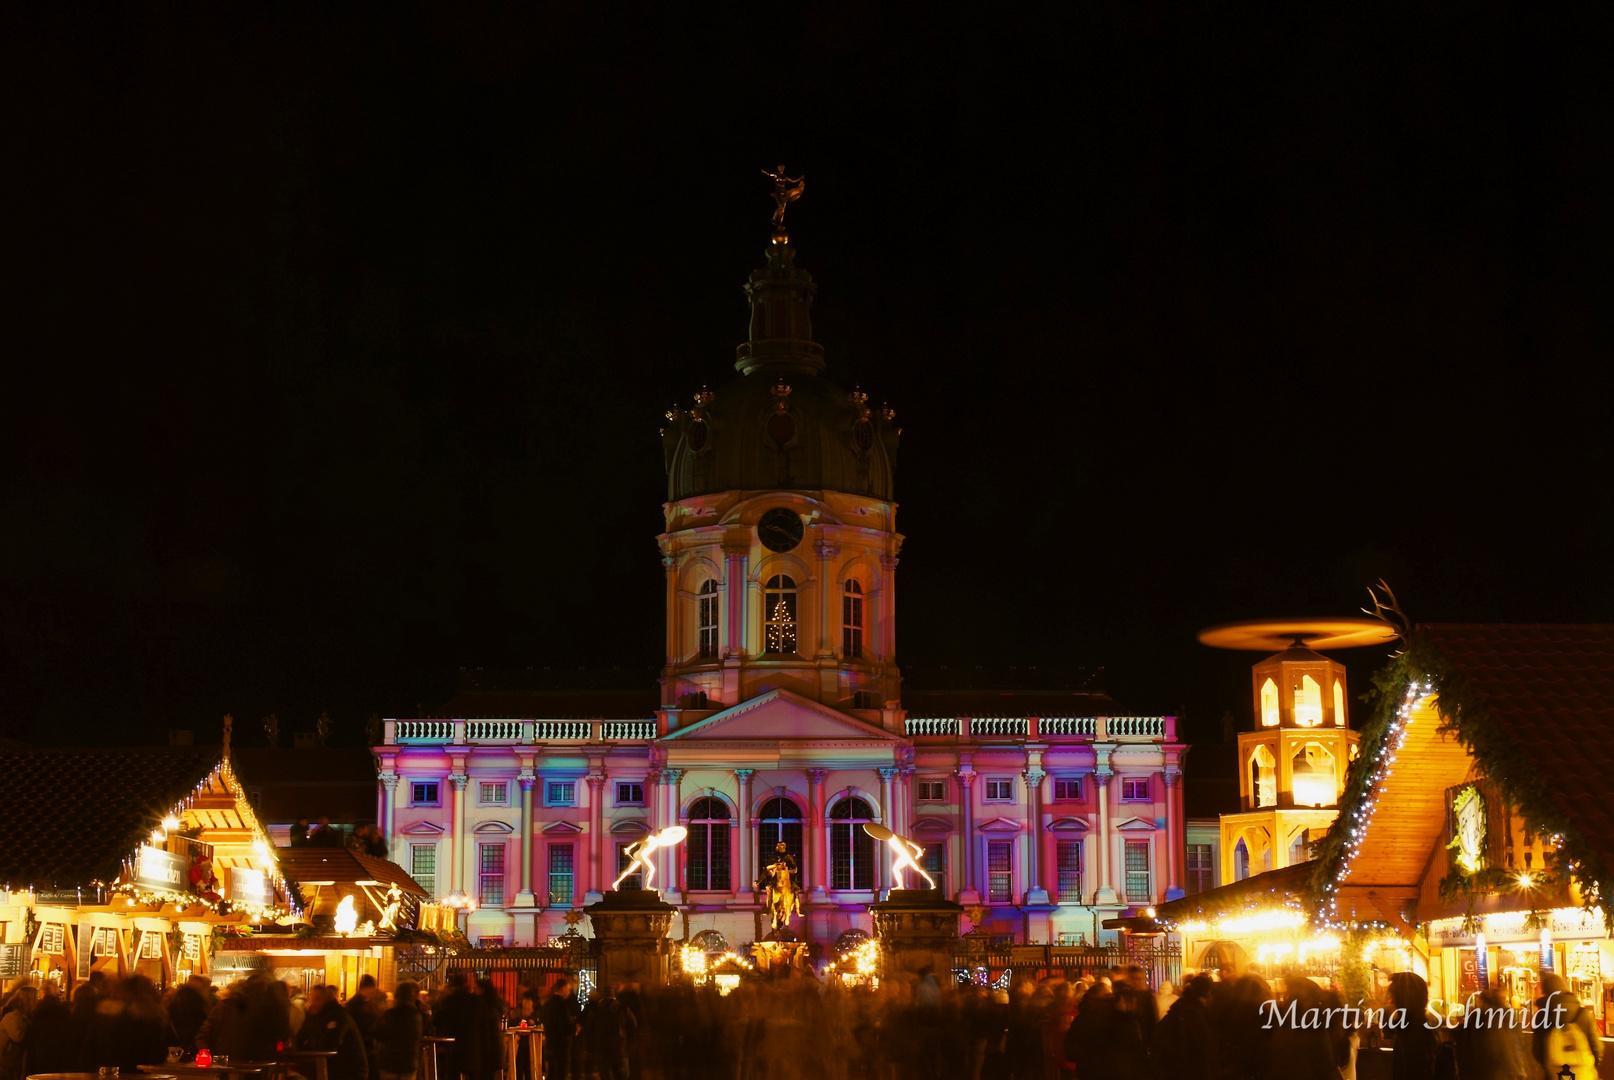 Weihnachtsmarkt Schloss Charlottenburg.Weihnachtsmarkt Am Berliner Schloß Charlottenburg Foto Bild